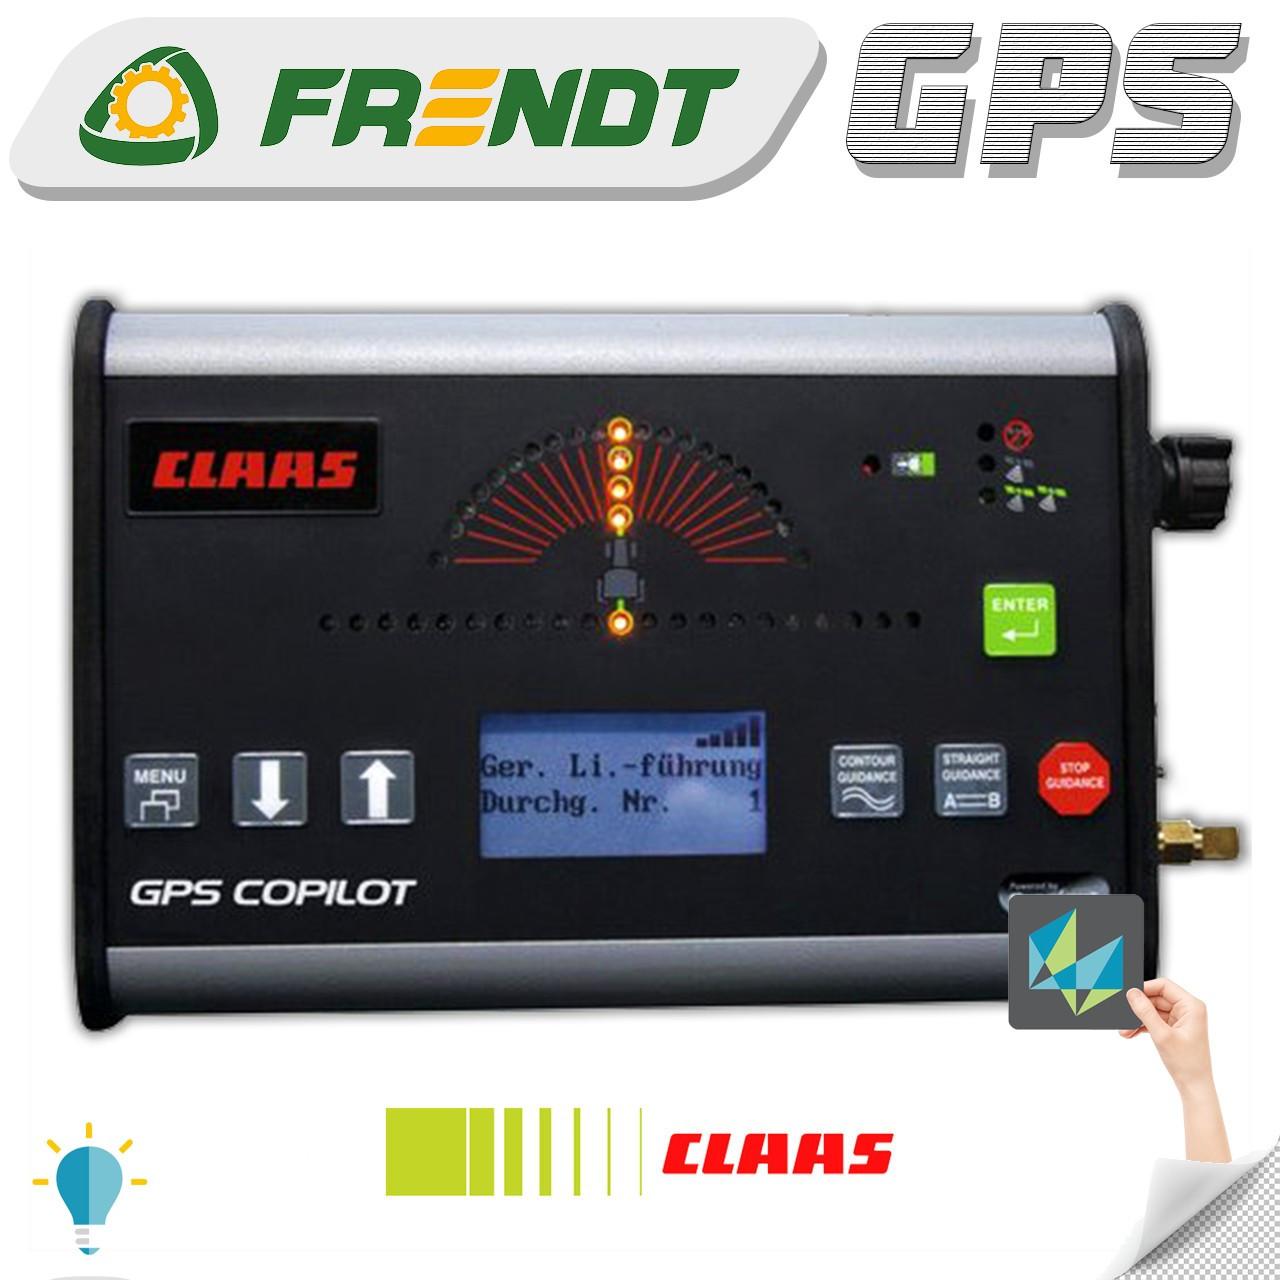 Gps навігатор для трактора (навігатор для поля, сільгосп навігатор) CLAAS Copilot S-lite